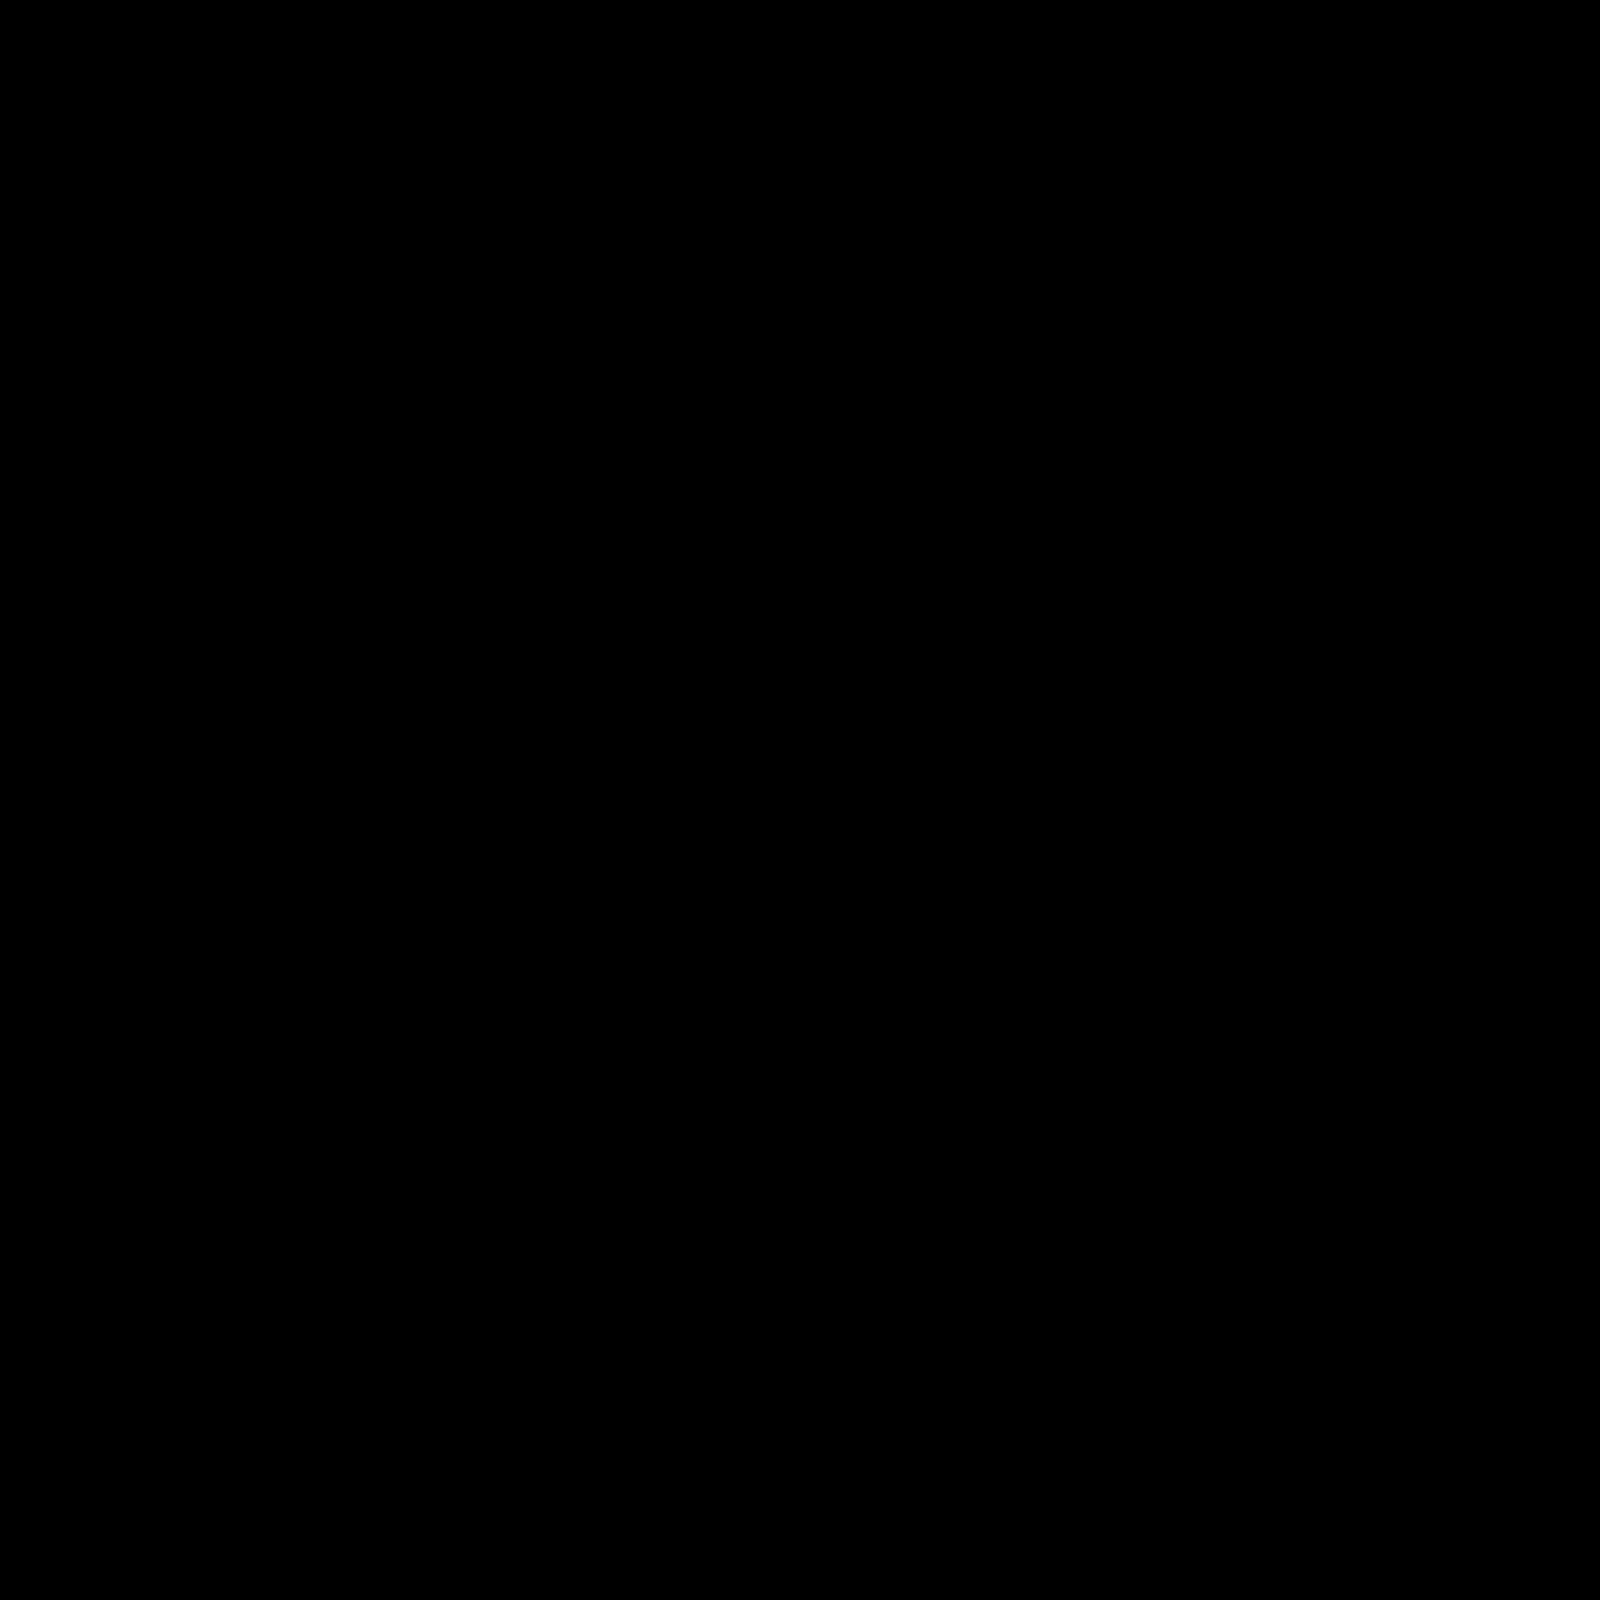 Chaleco de seguridad icon